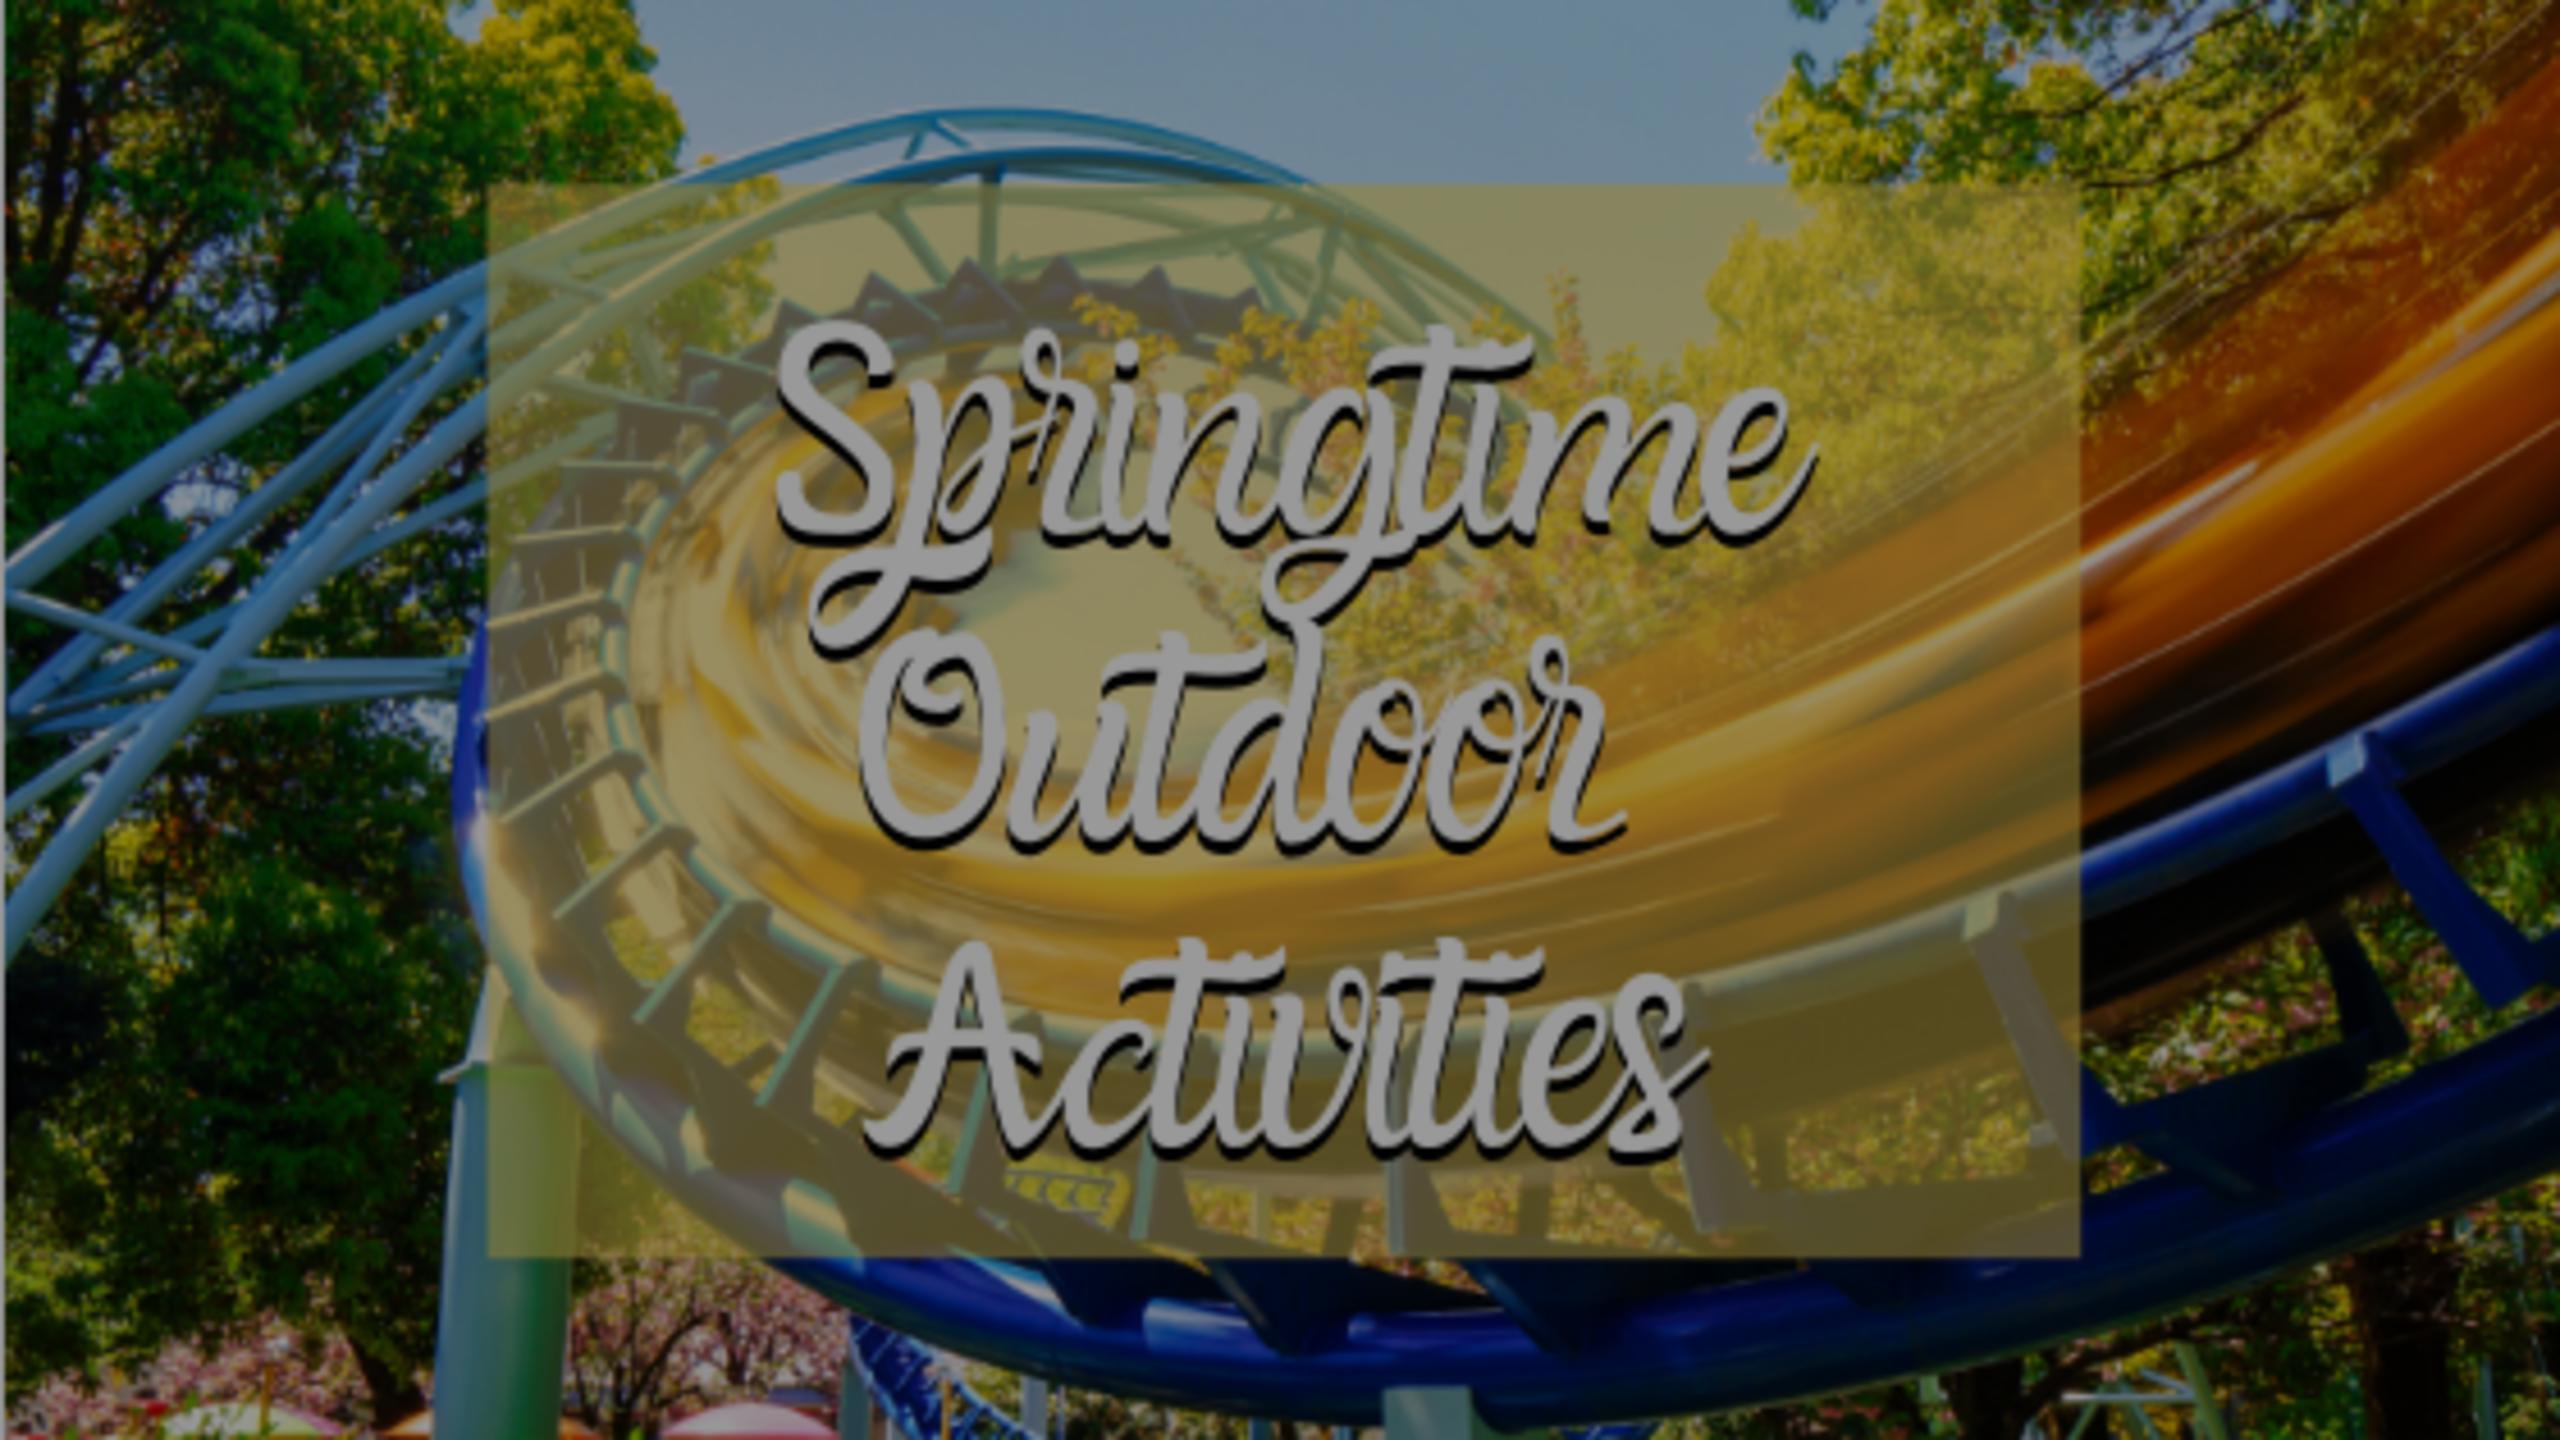 Springtime Outdoor Activities